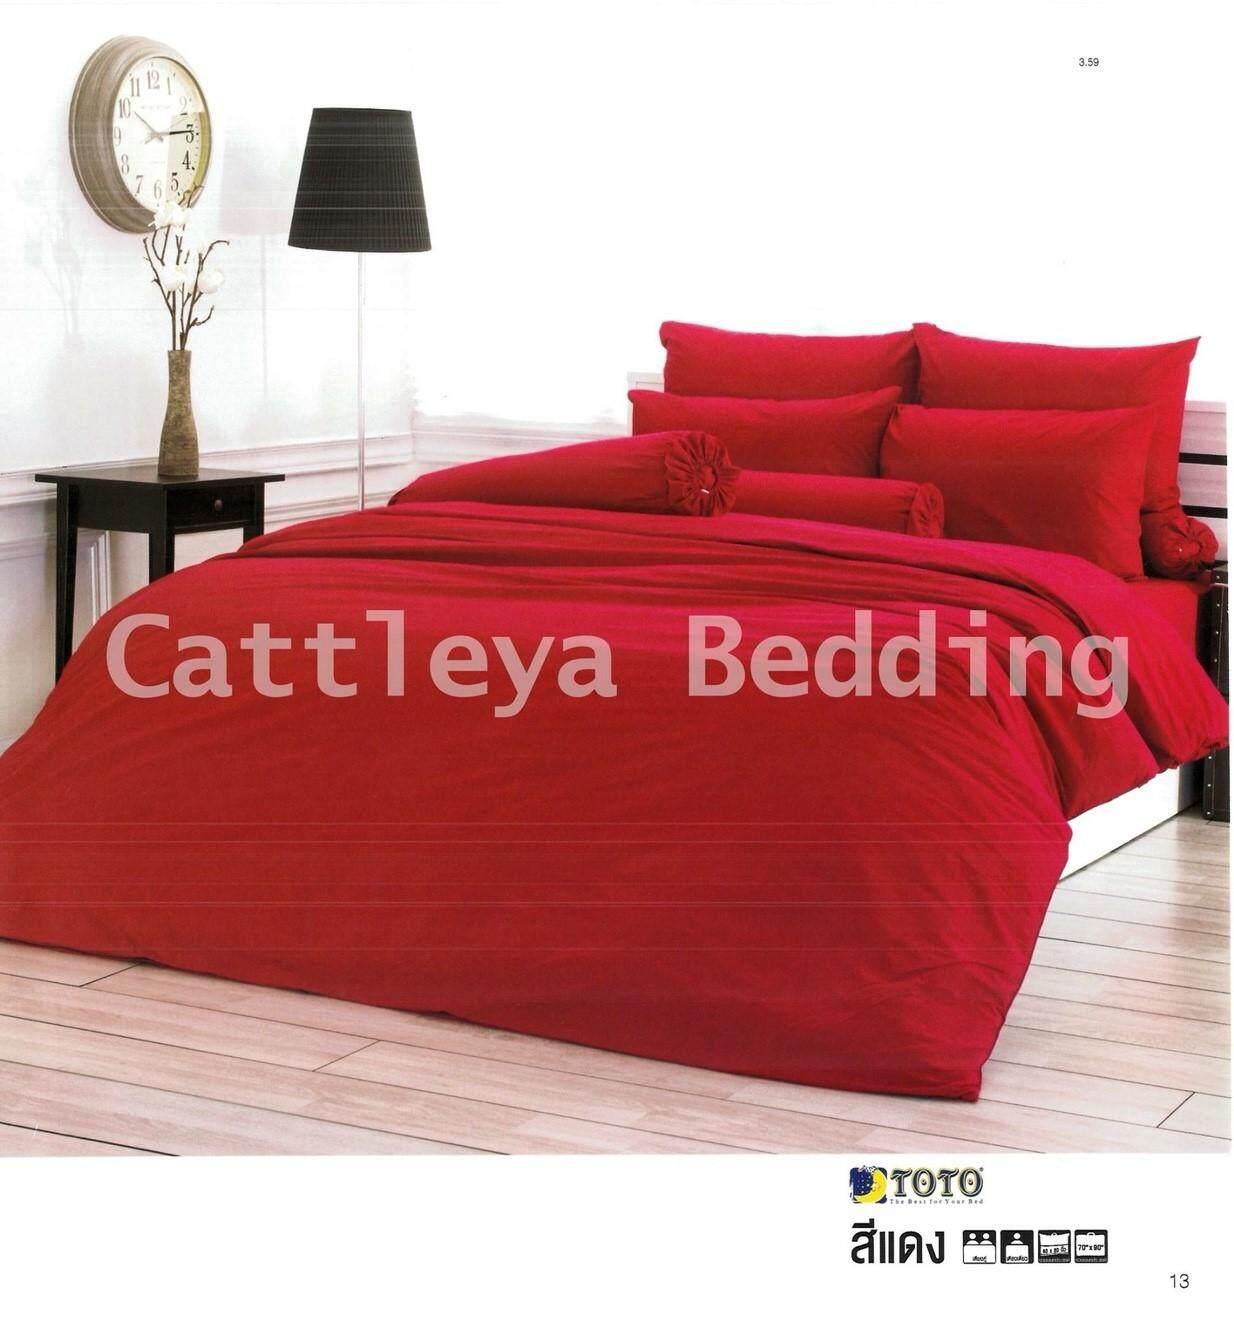 ผ้าปูที่นอน 6 ฟุต โตโต้ ( Toto ) สีแดง (ไม่รวมผ้านวม).